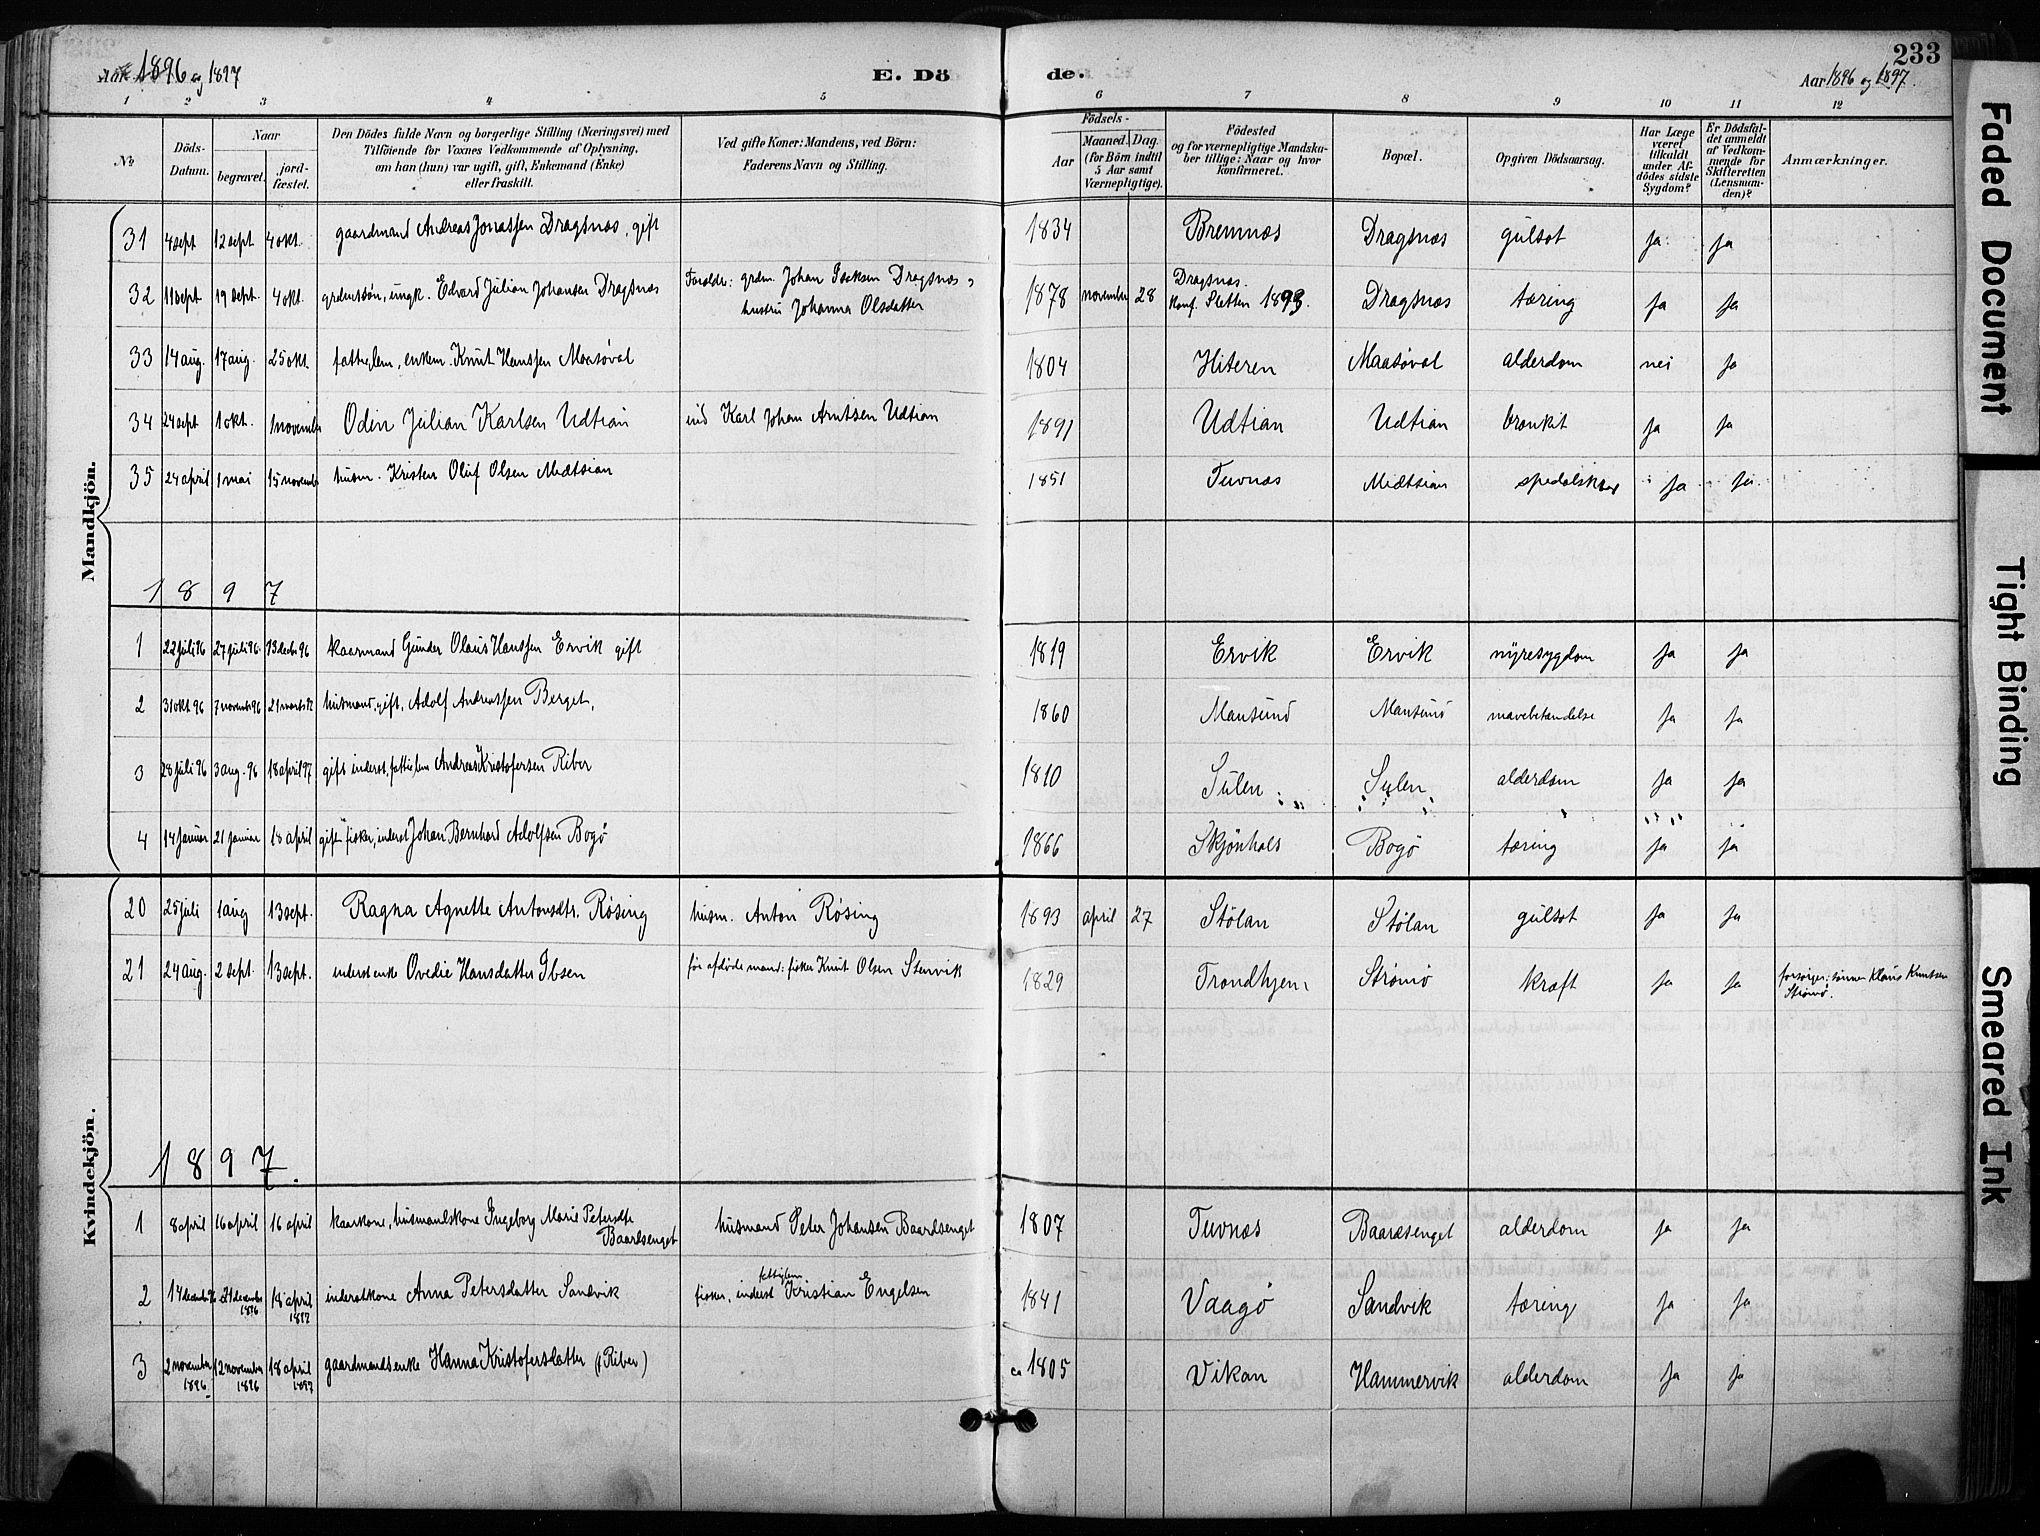 SAT, Ministerialprotokoller, klokkerbøker og fødselsregistre - Sør-Trøndelag, 640/L0579: Ministerialbok nr. 640A04, 1889-1902, s. 233